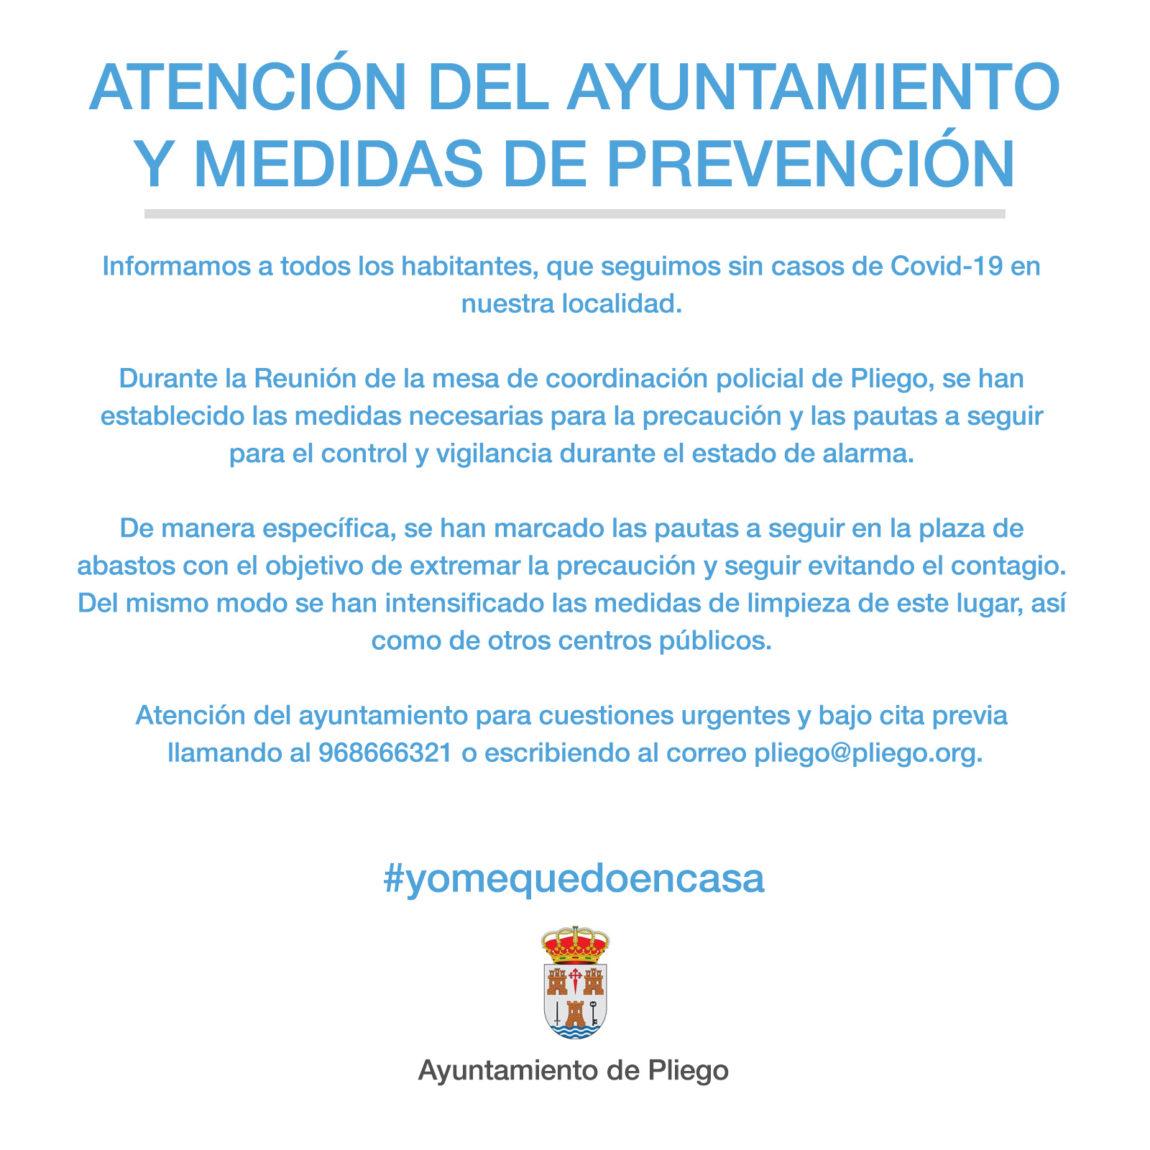 Atención del Ayuntamiento y medidas de prevención